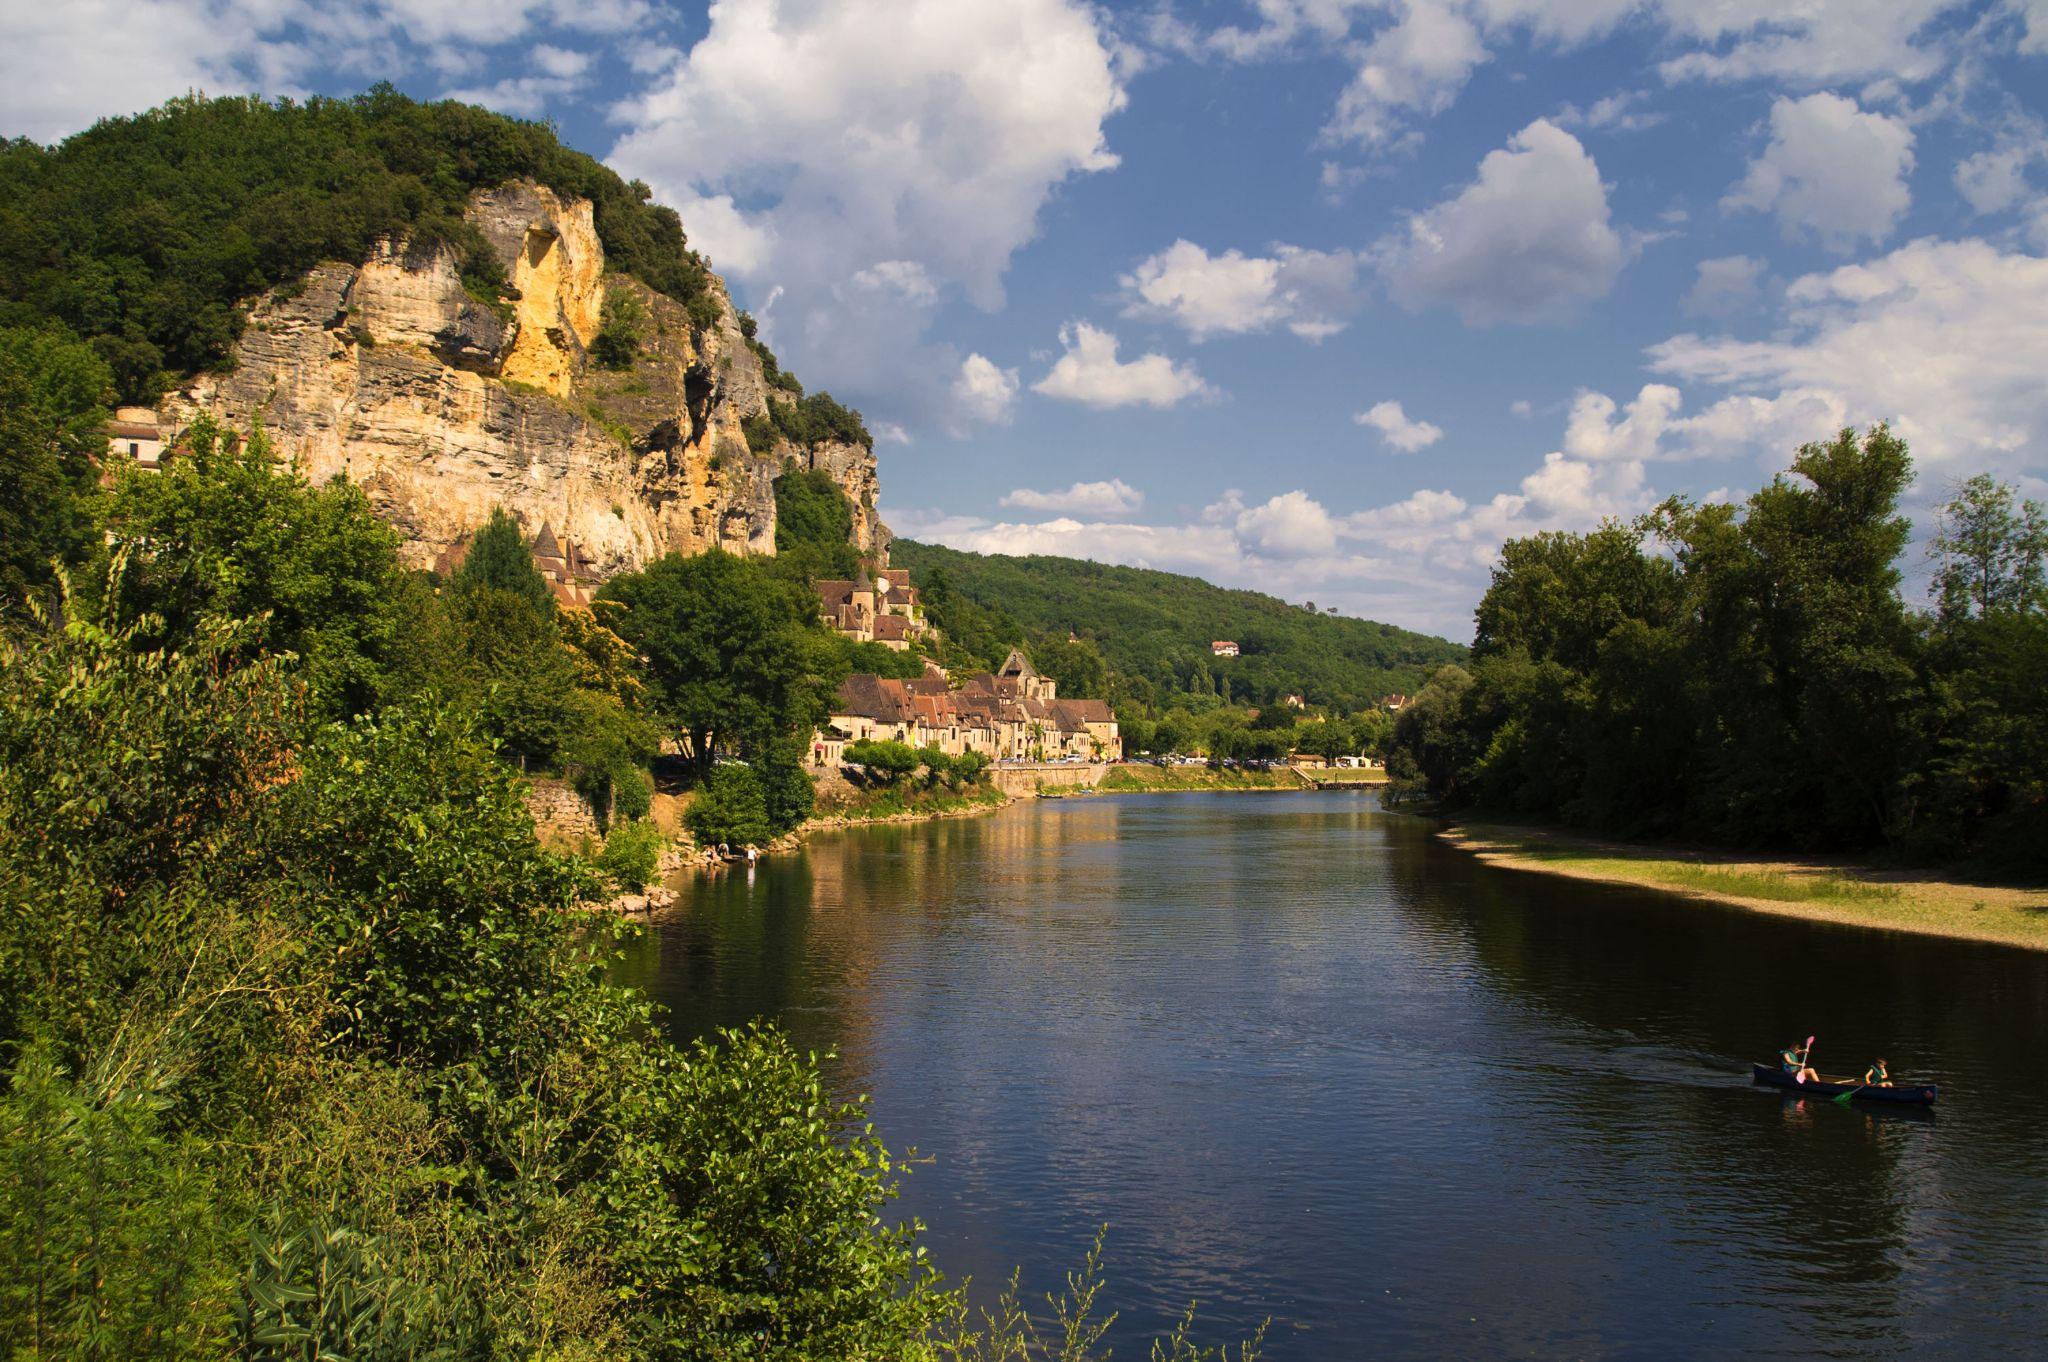 La Roque-Gageac by Philippe Boite